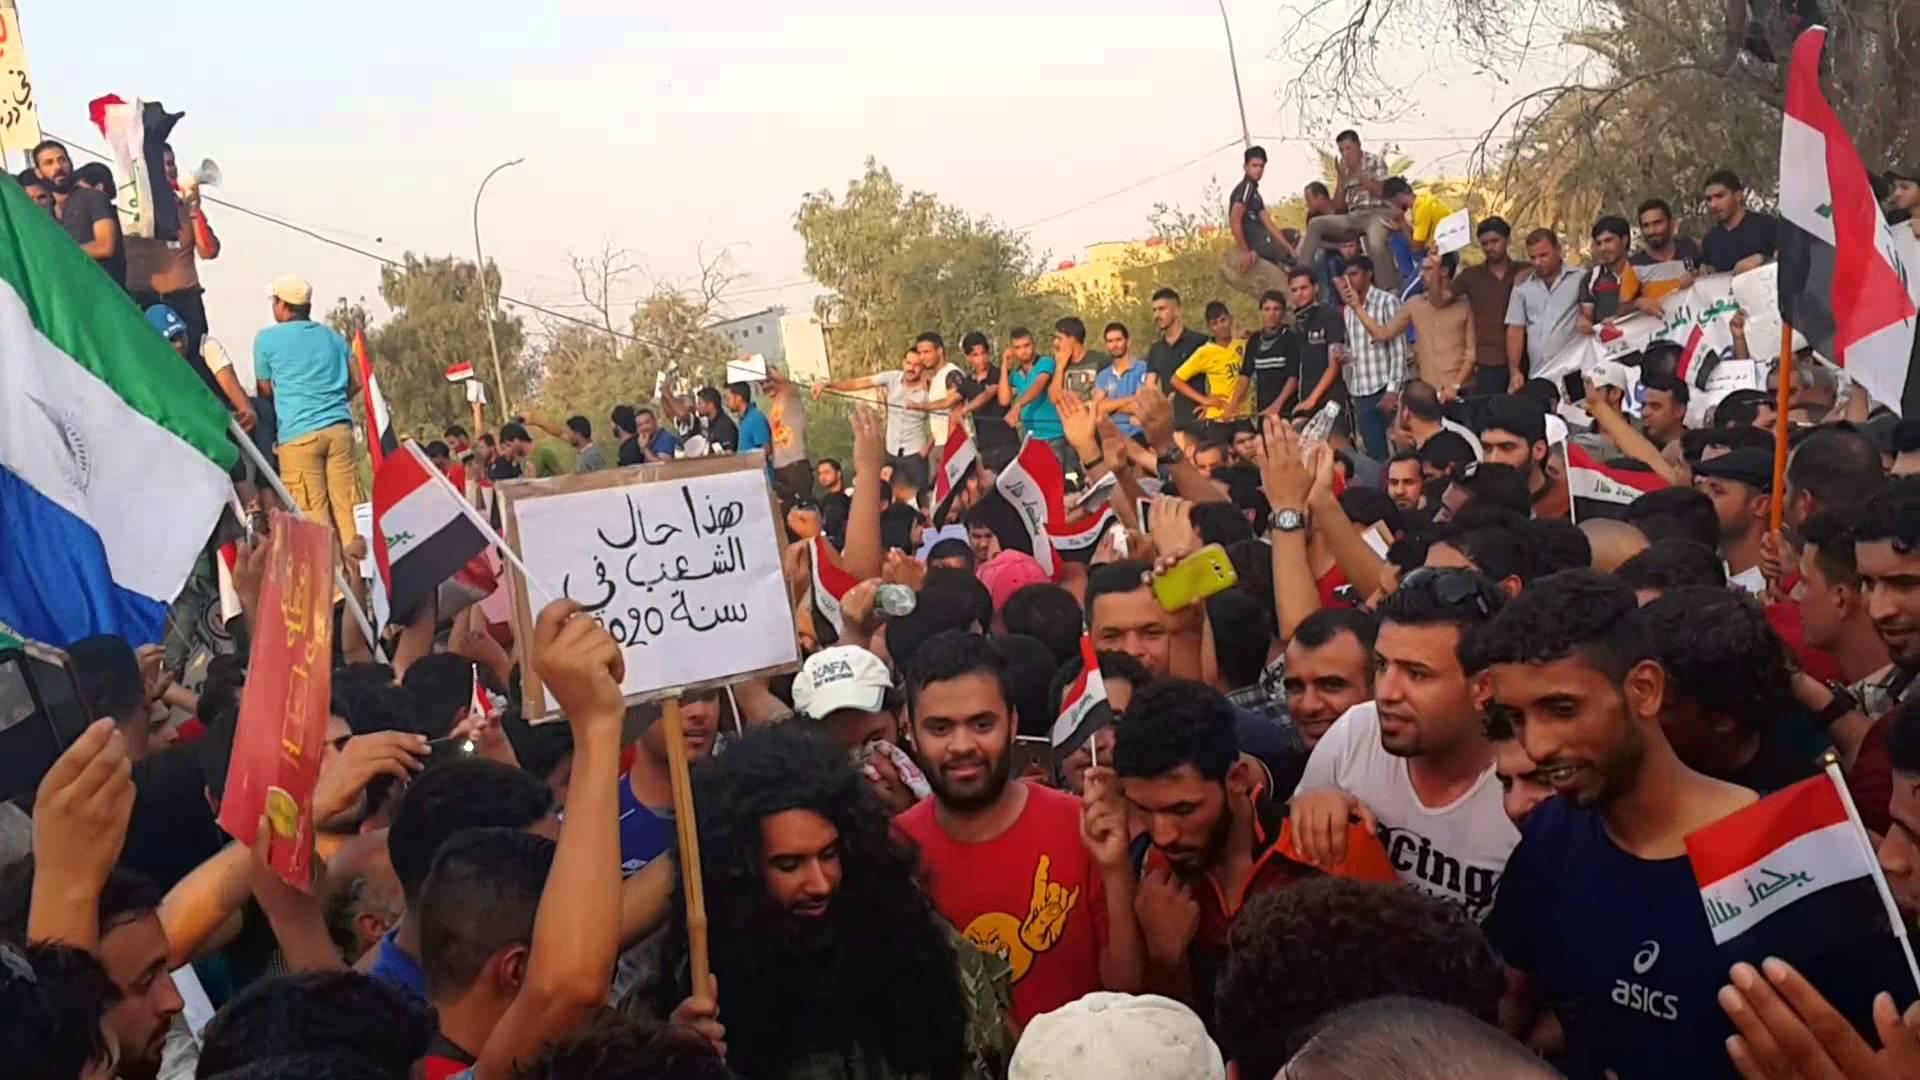 منعطف خطير: تظاهرات العراق استياء شعبي أم محاولة لتقويض إيران؟!